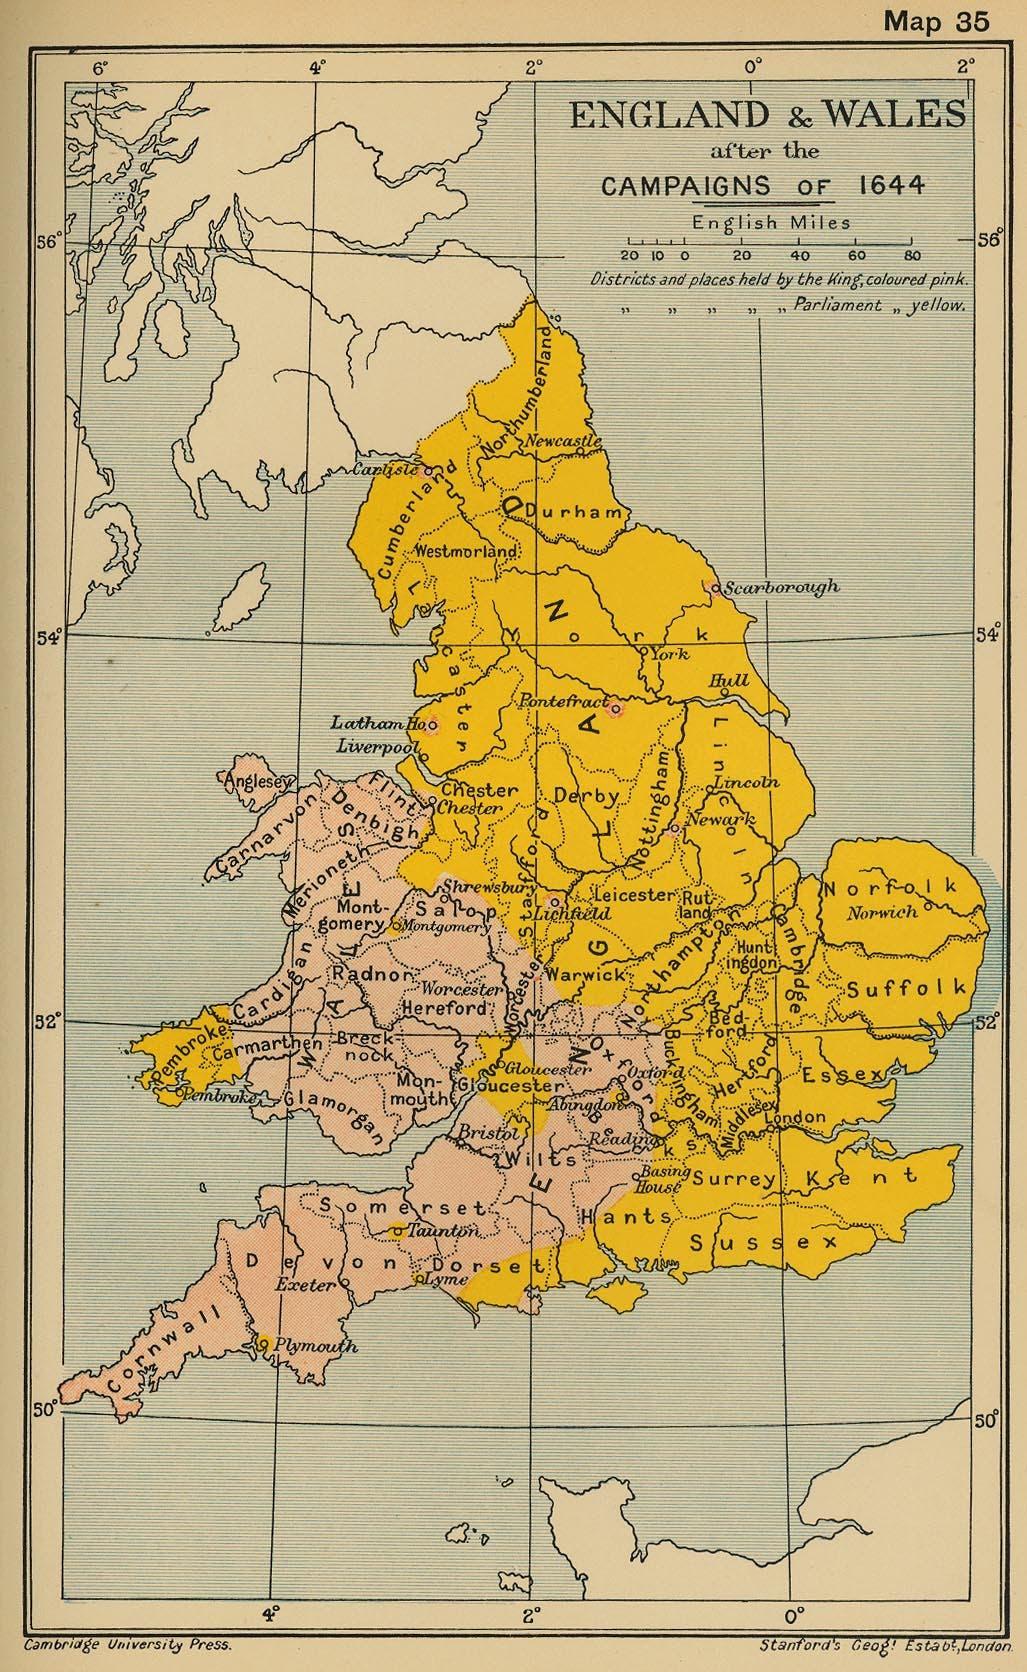 خريطة إنجلترا في حدود منتصف القرن 17